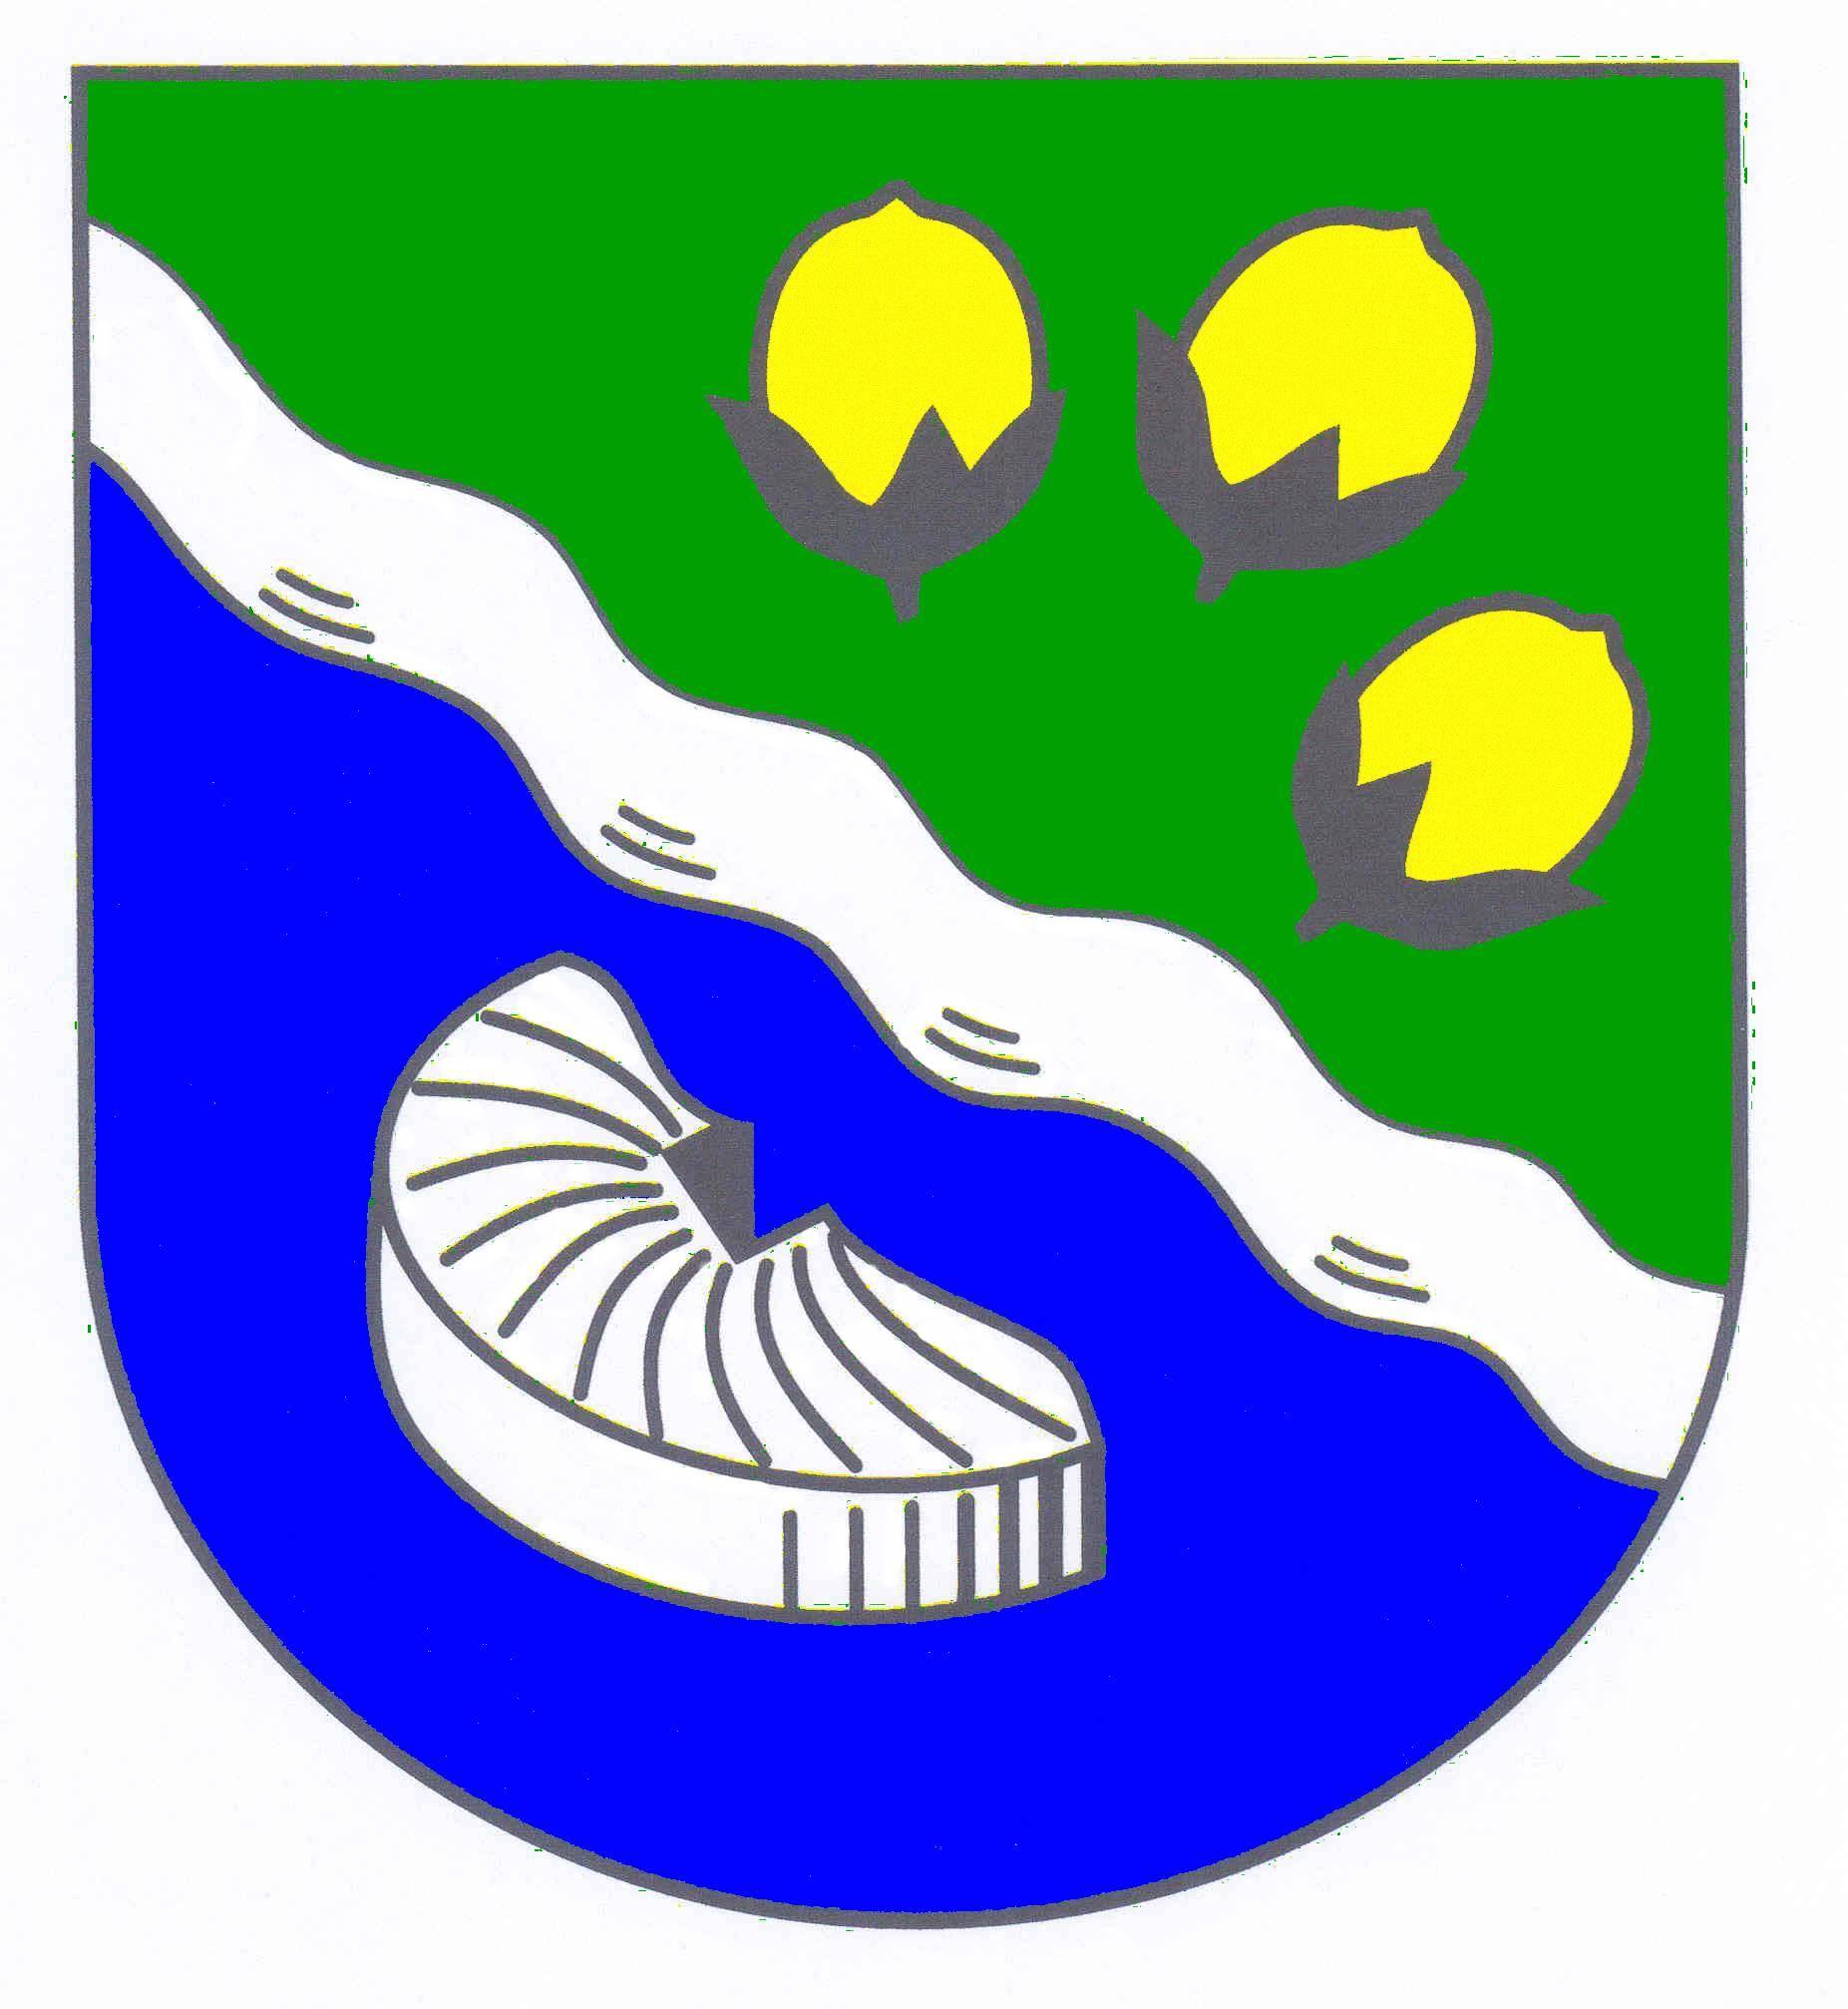 Wappen GemeindeNützen, Kreis Segeberg